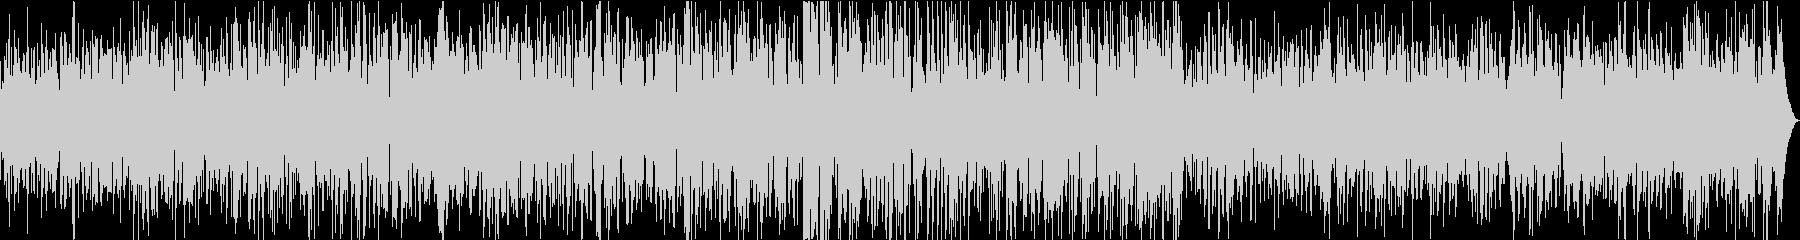 【生演奏】渋い大人のカフェボサノバの未再生の波形